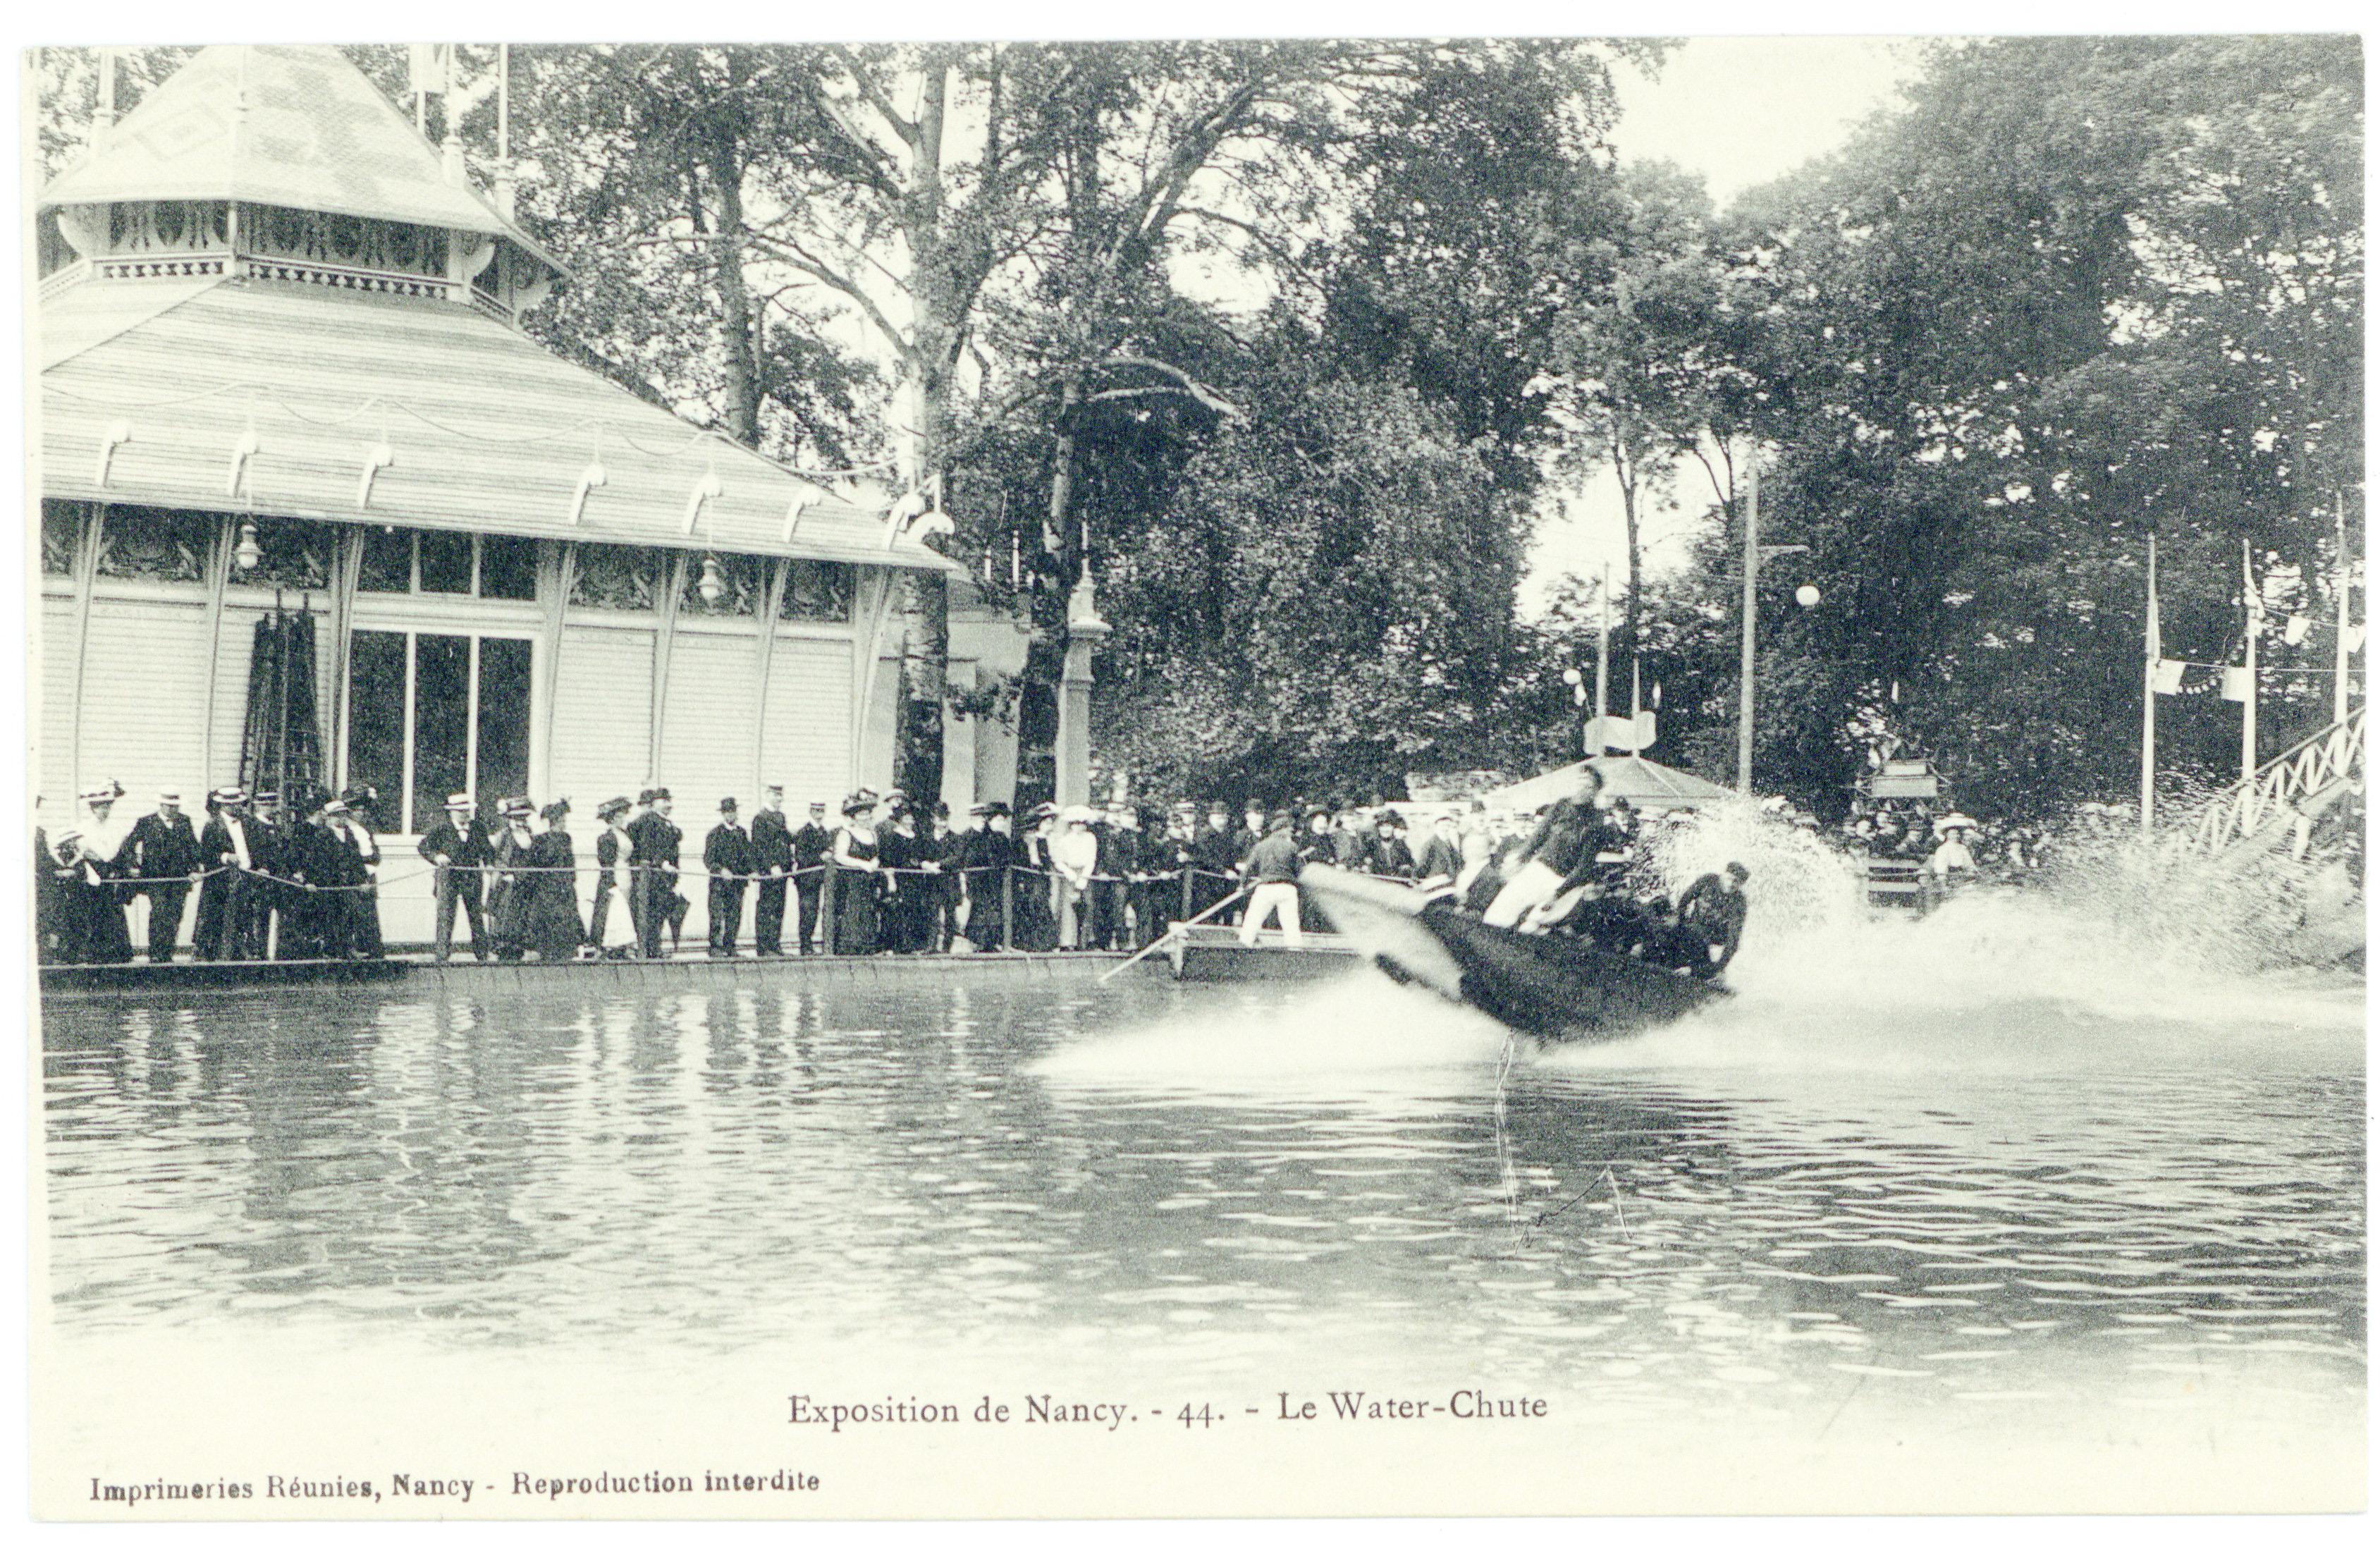 Contenu du Le Water-Chute : exposition de Nancy